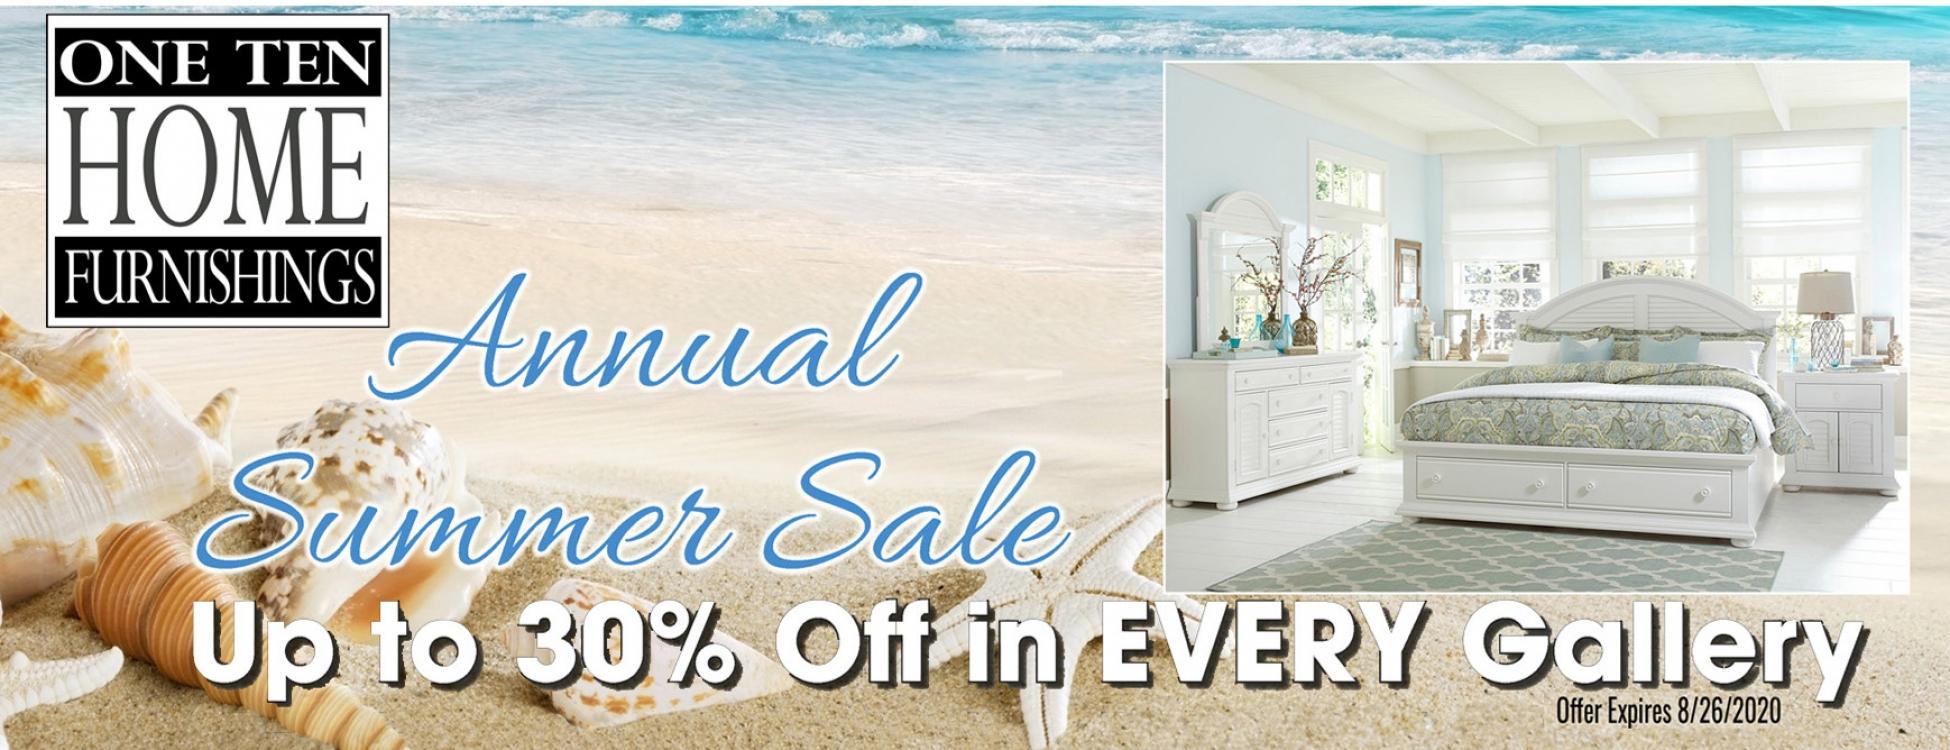 Annual-Summer-Sale